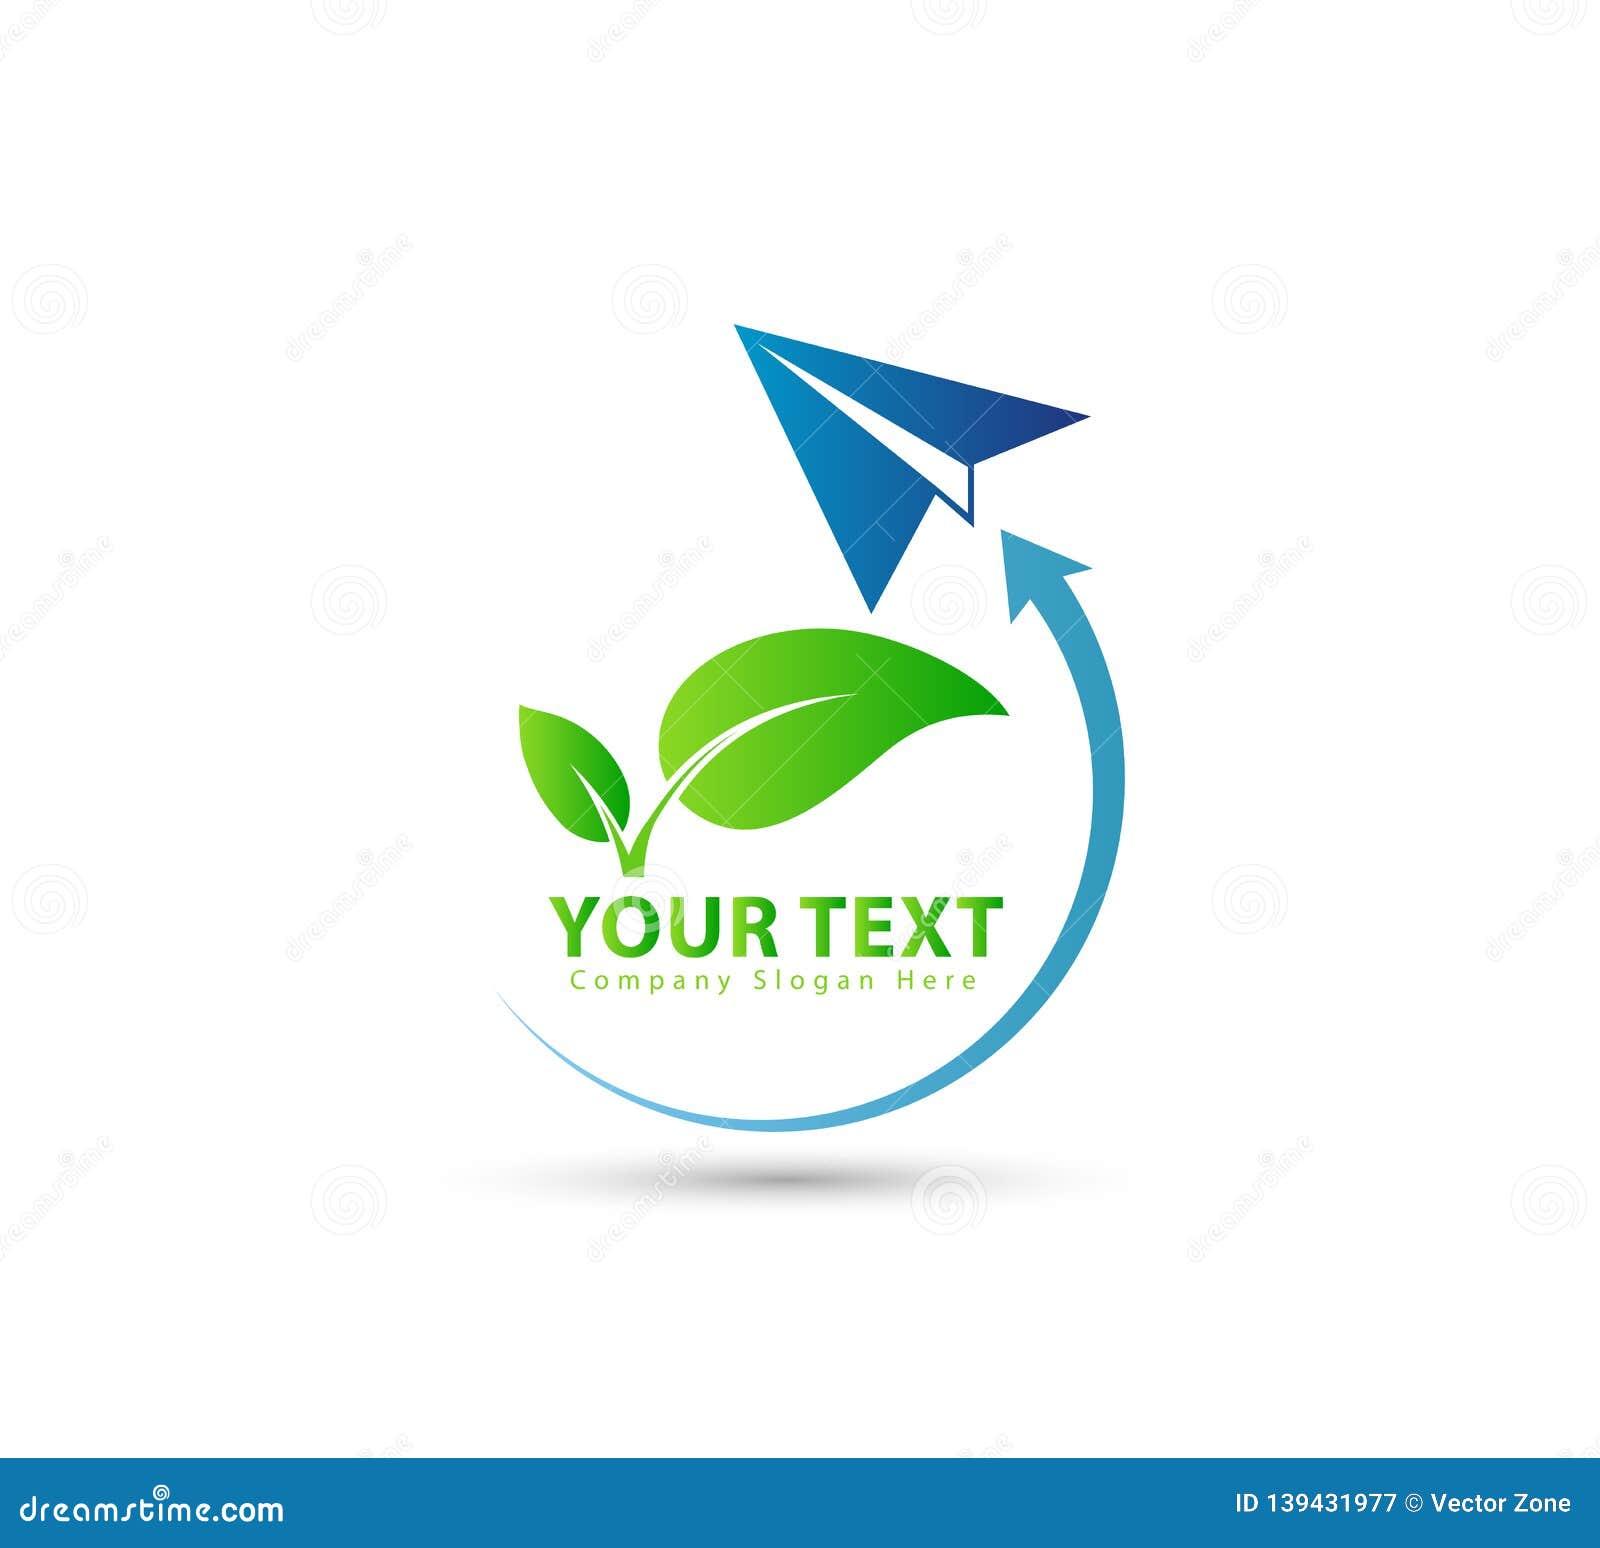 Rocket, transportation, green leaf business logo.